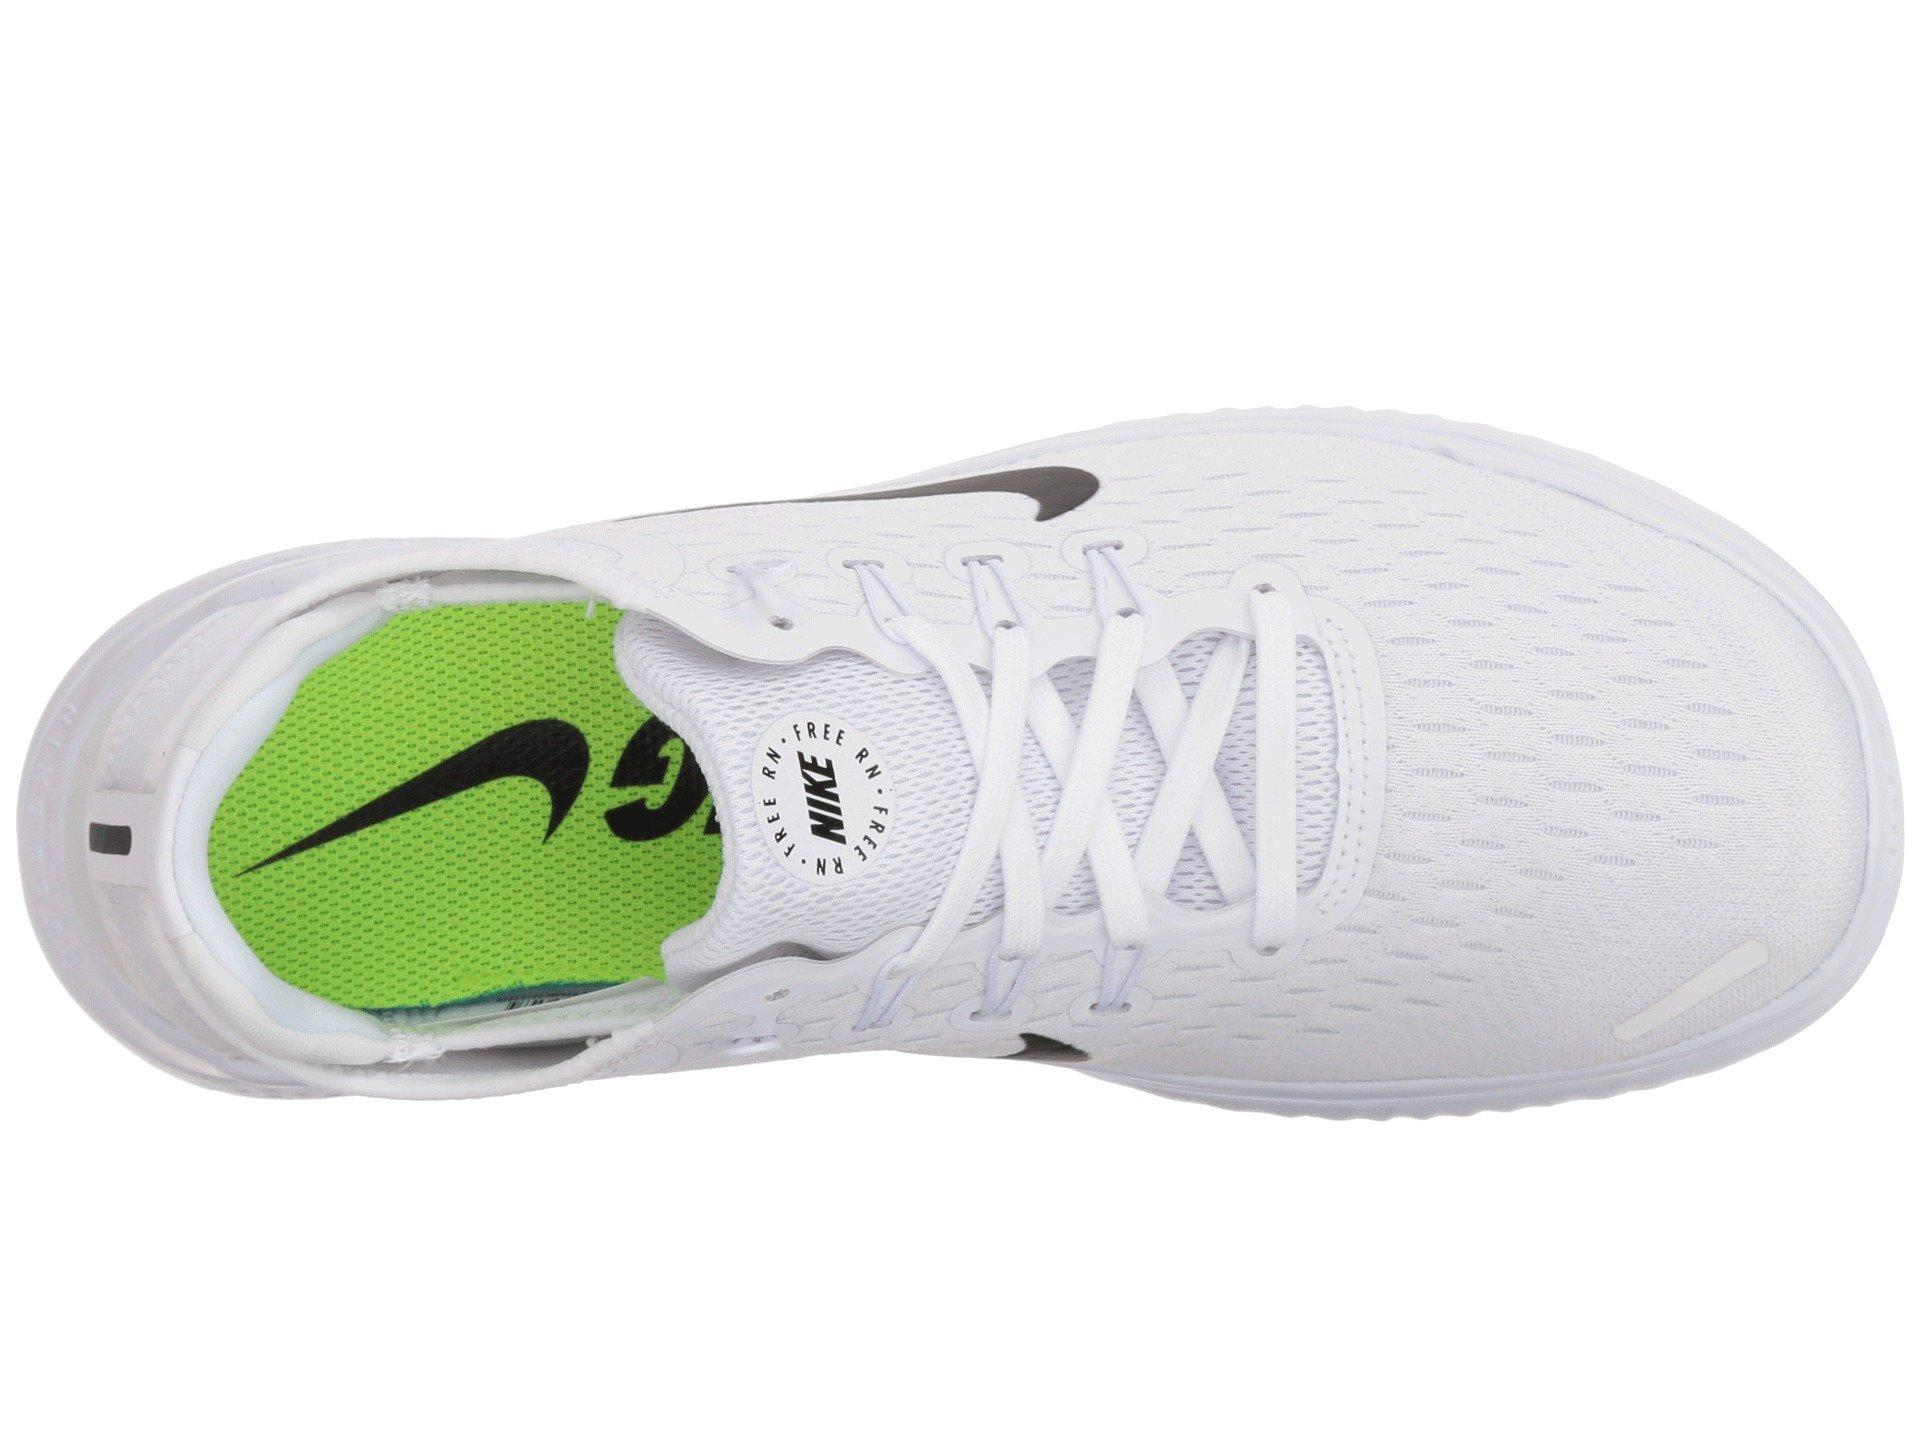 4420ac6d2efec Nike Zoom Winflo 4 Nz Red Foams